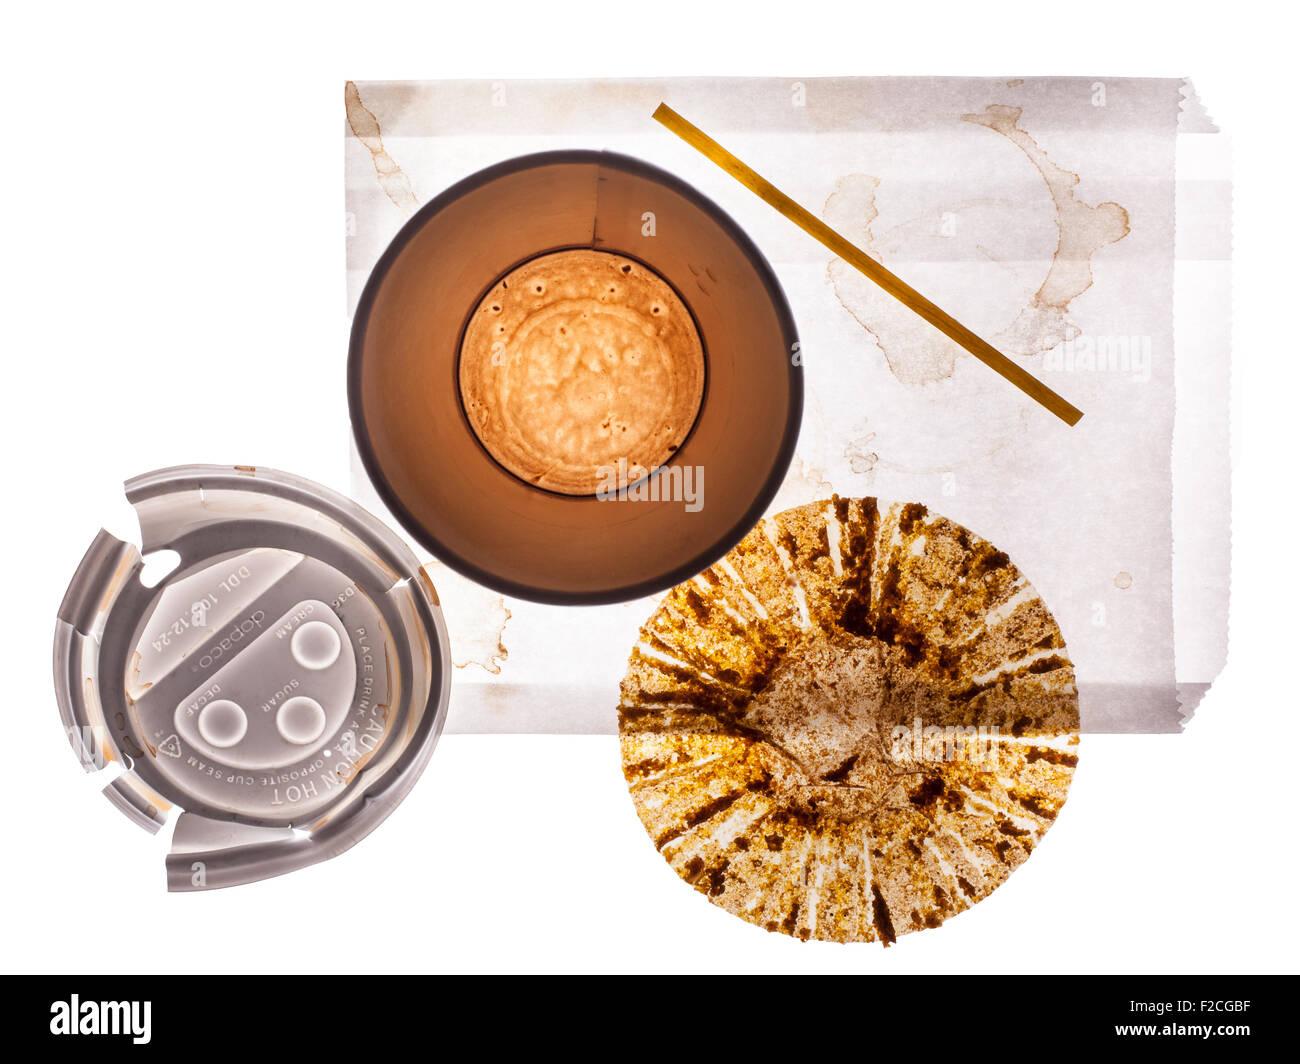 Draufsicht der leeren Pappbecher Kaffee, Deckel, leere Muffin-Wrapper, rühren, Stick, weiße Papiertüte Stockfoto